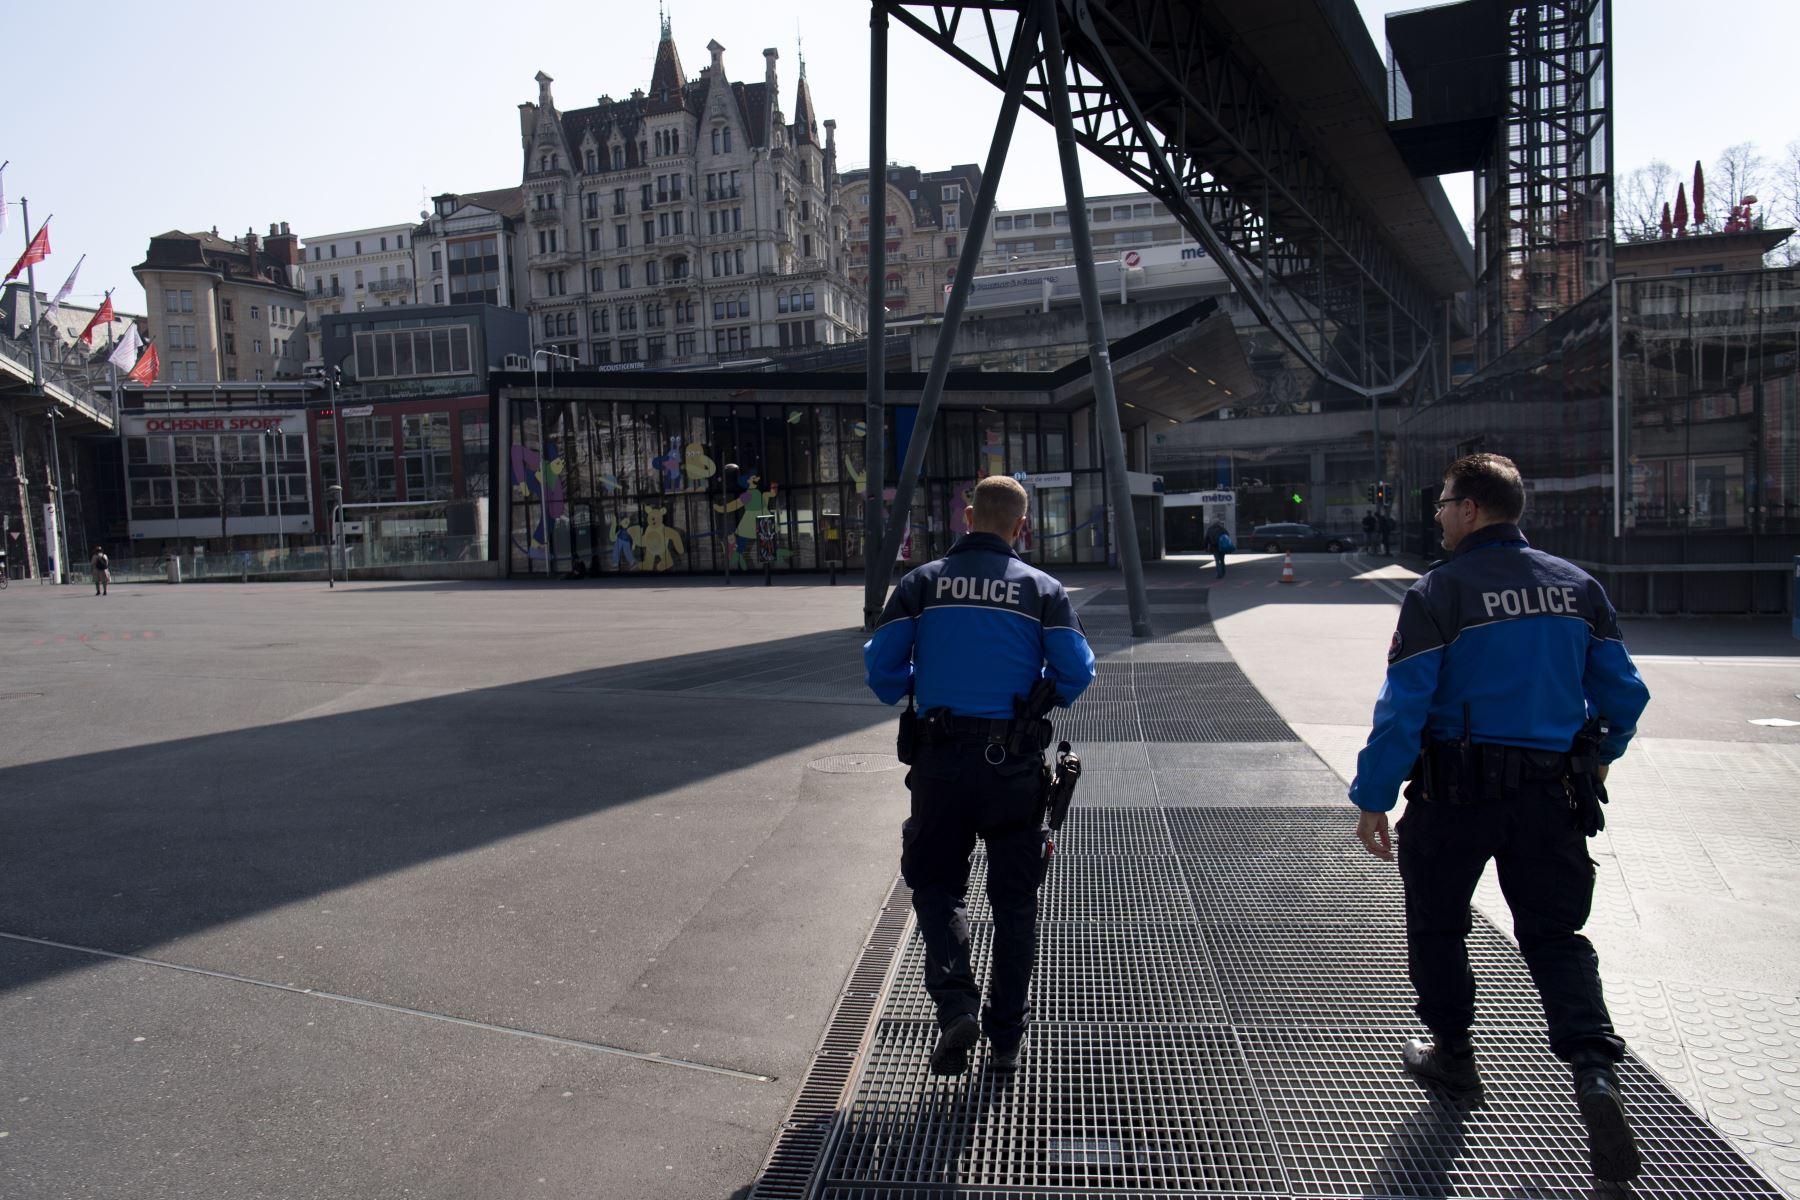 Los oficiales de policía de Lausana patrullan para evitar la reunión de más de 5 personas durante el estado de emergencia del brote de la enfermedad por coronavirus en Lausana, Suiza. Foto: EFE